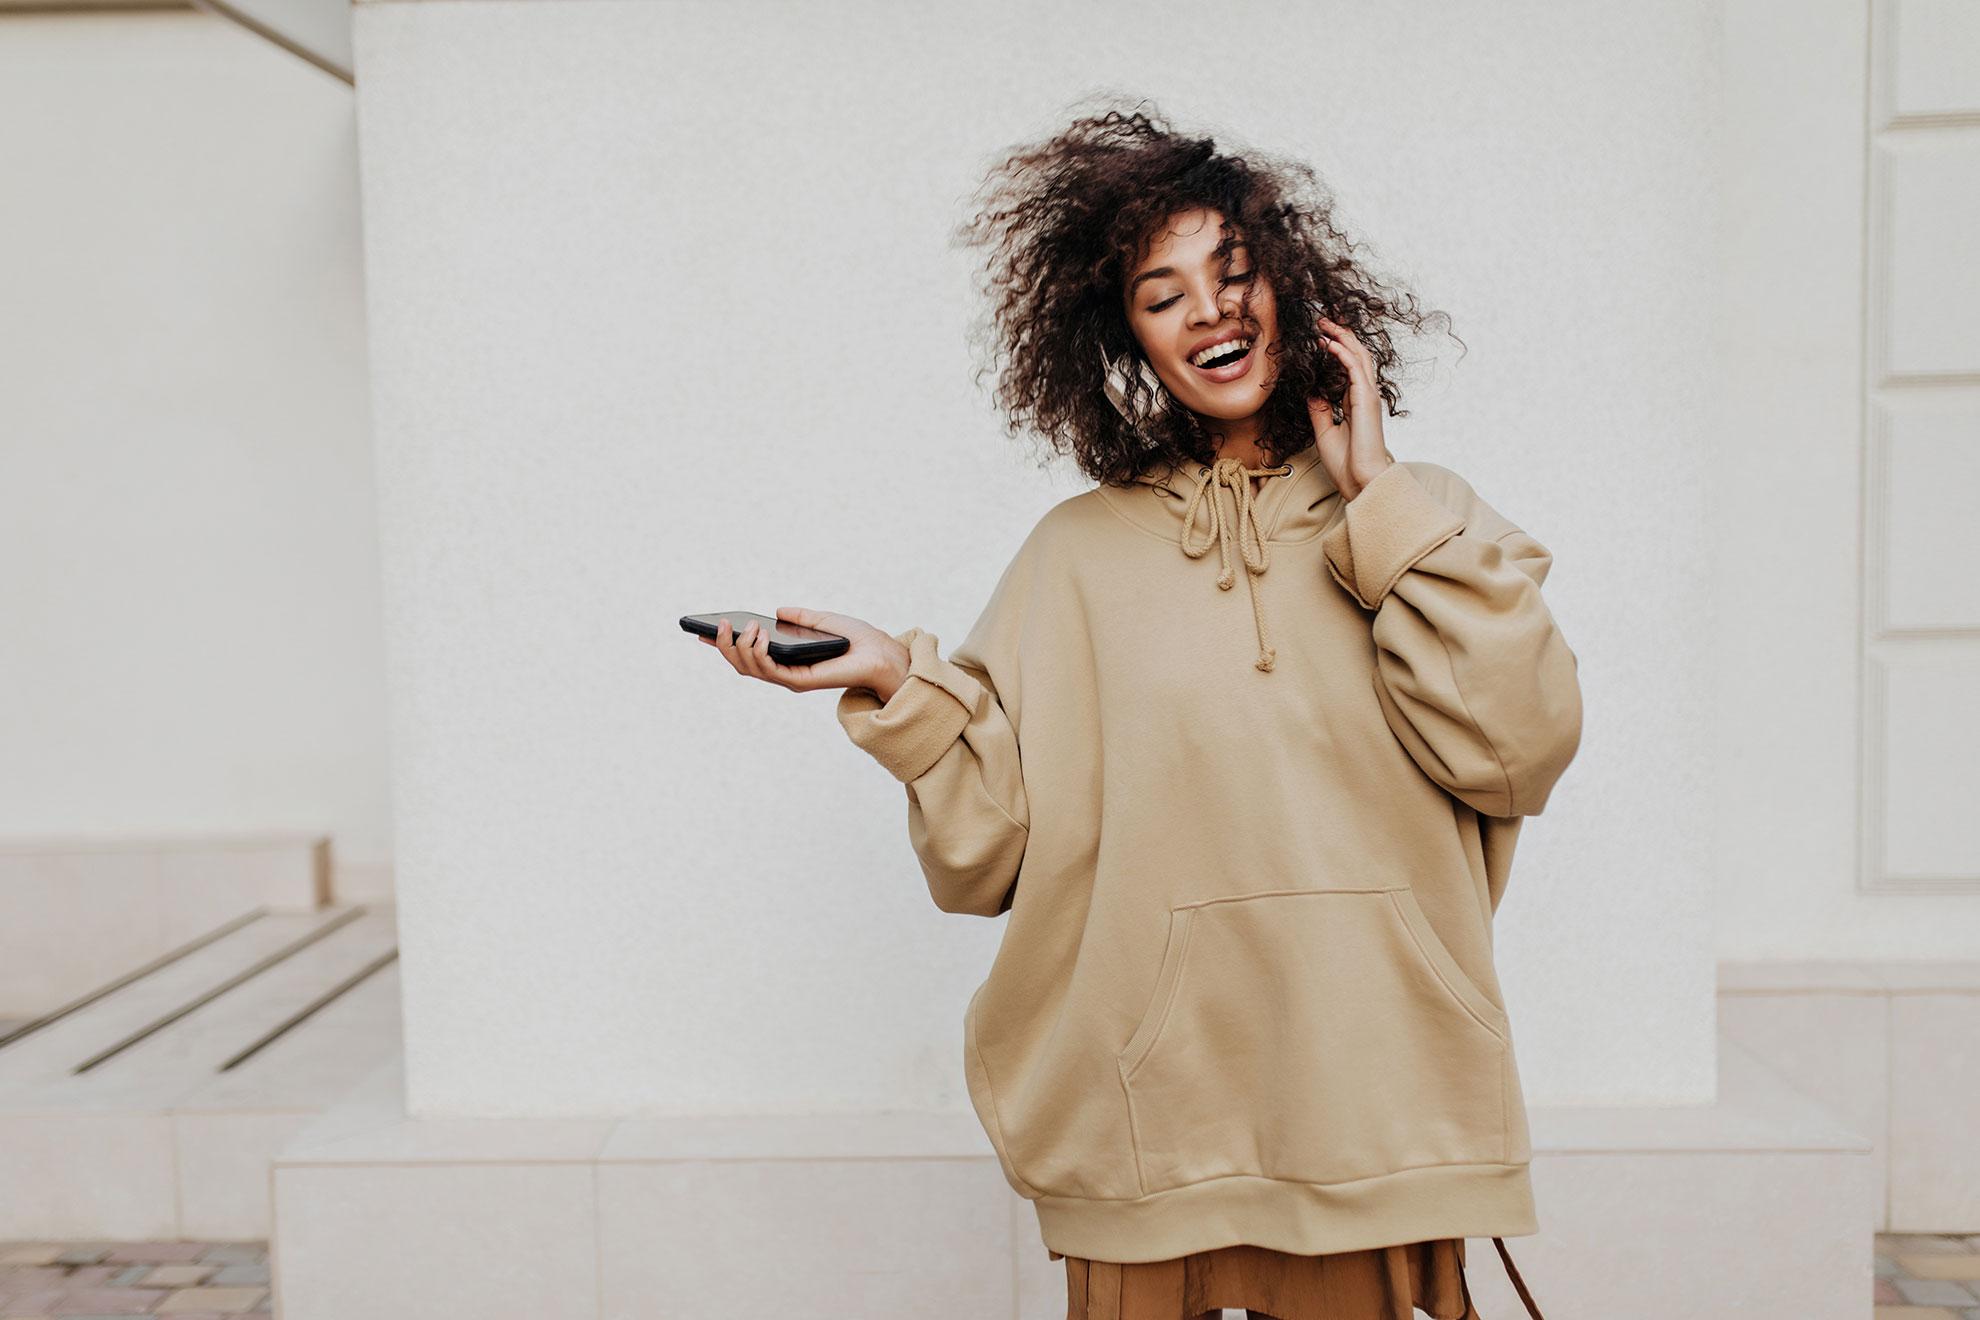 Kobieta w modnej beżowej bluzie, ilustracja do artykułu